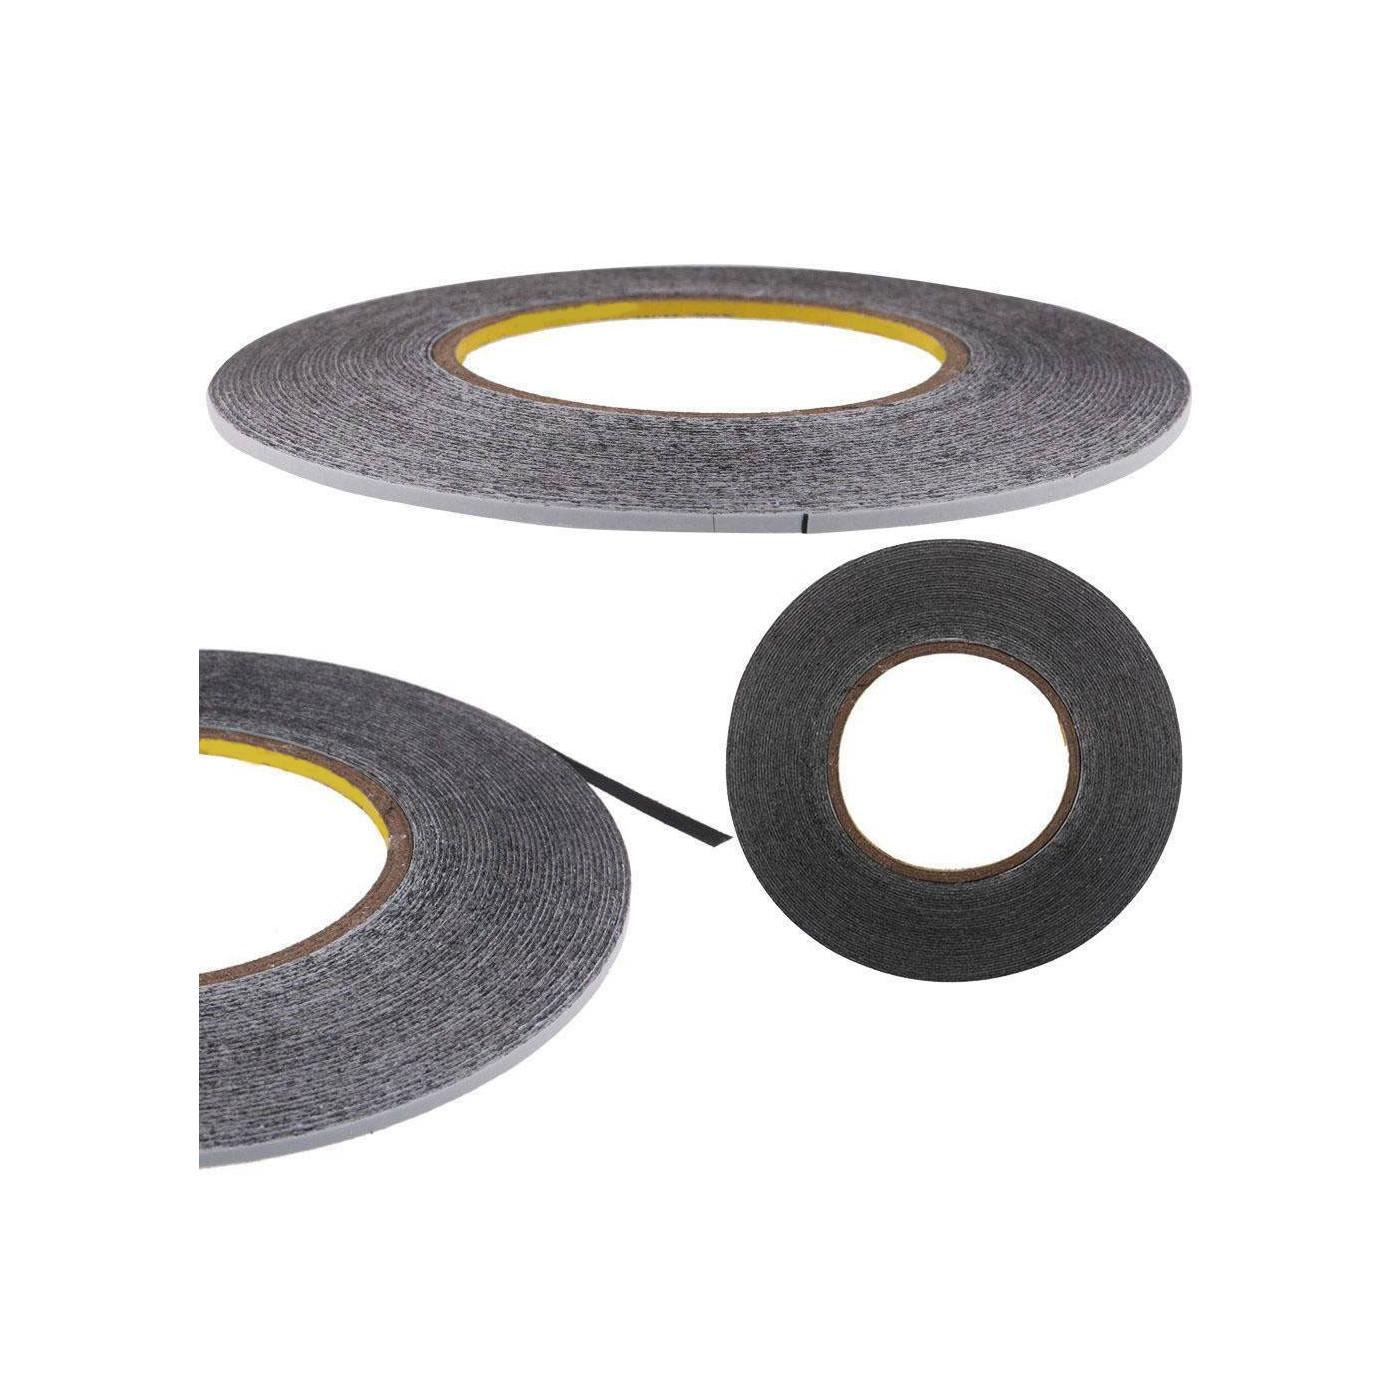 Ancho de cinta de doble cara 5 mm reparación de la tableta del smartphone longitud 50 mt